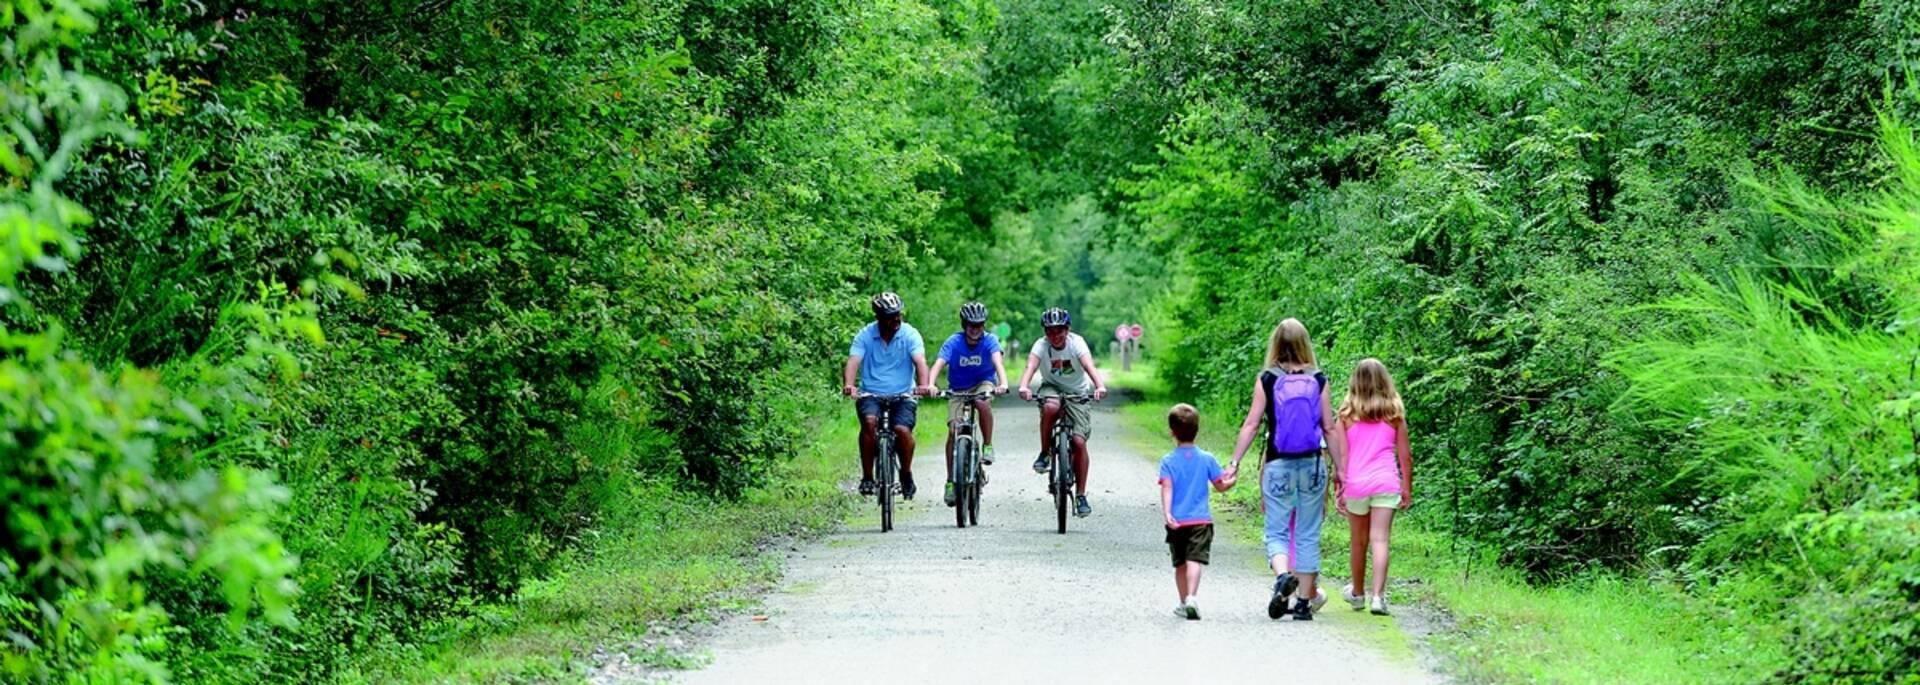 Randonnée en famille sur la voie verte en Bocage Bressuirais   @PWall/CD79